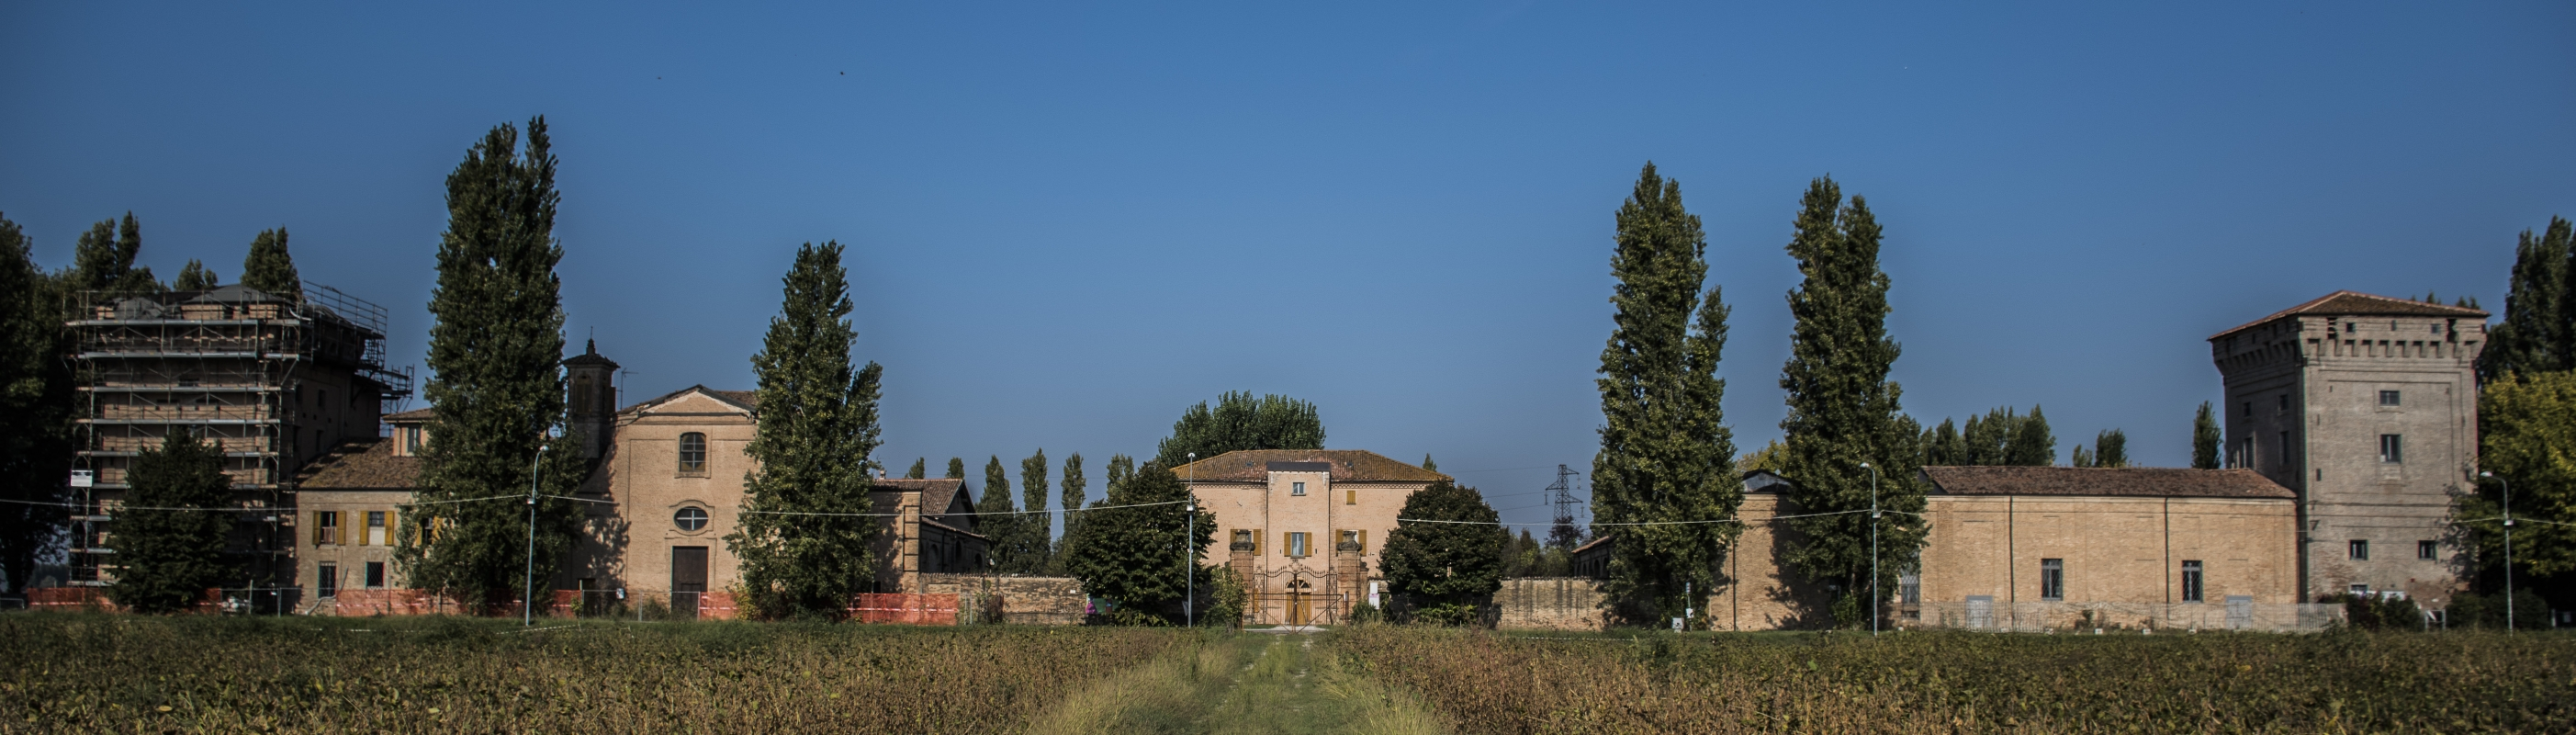 000 0239-ph - Stefano.conventi - Crevalcore (BO)